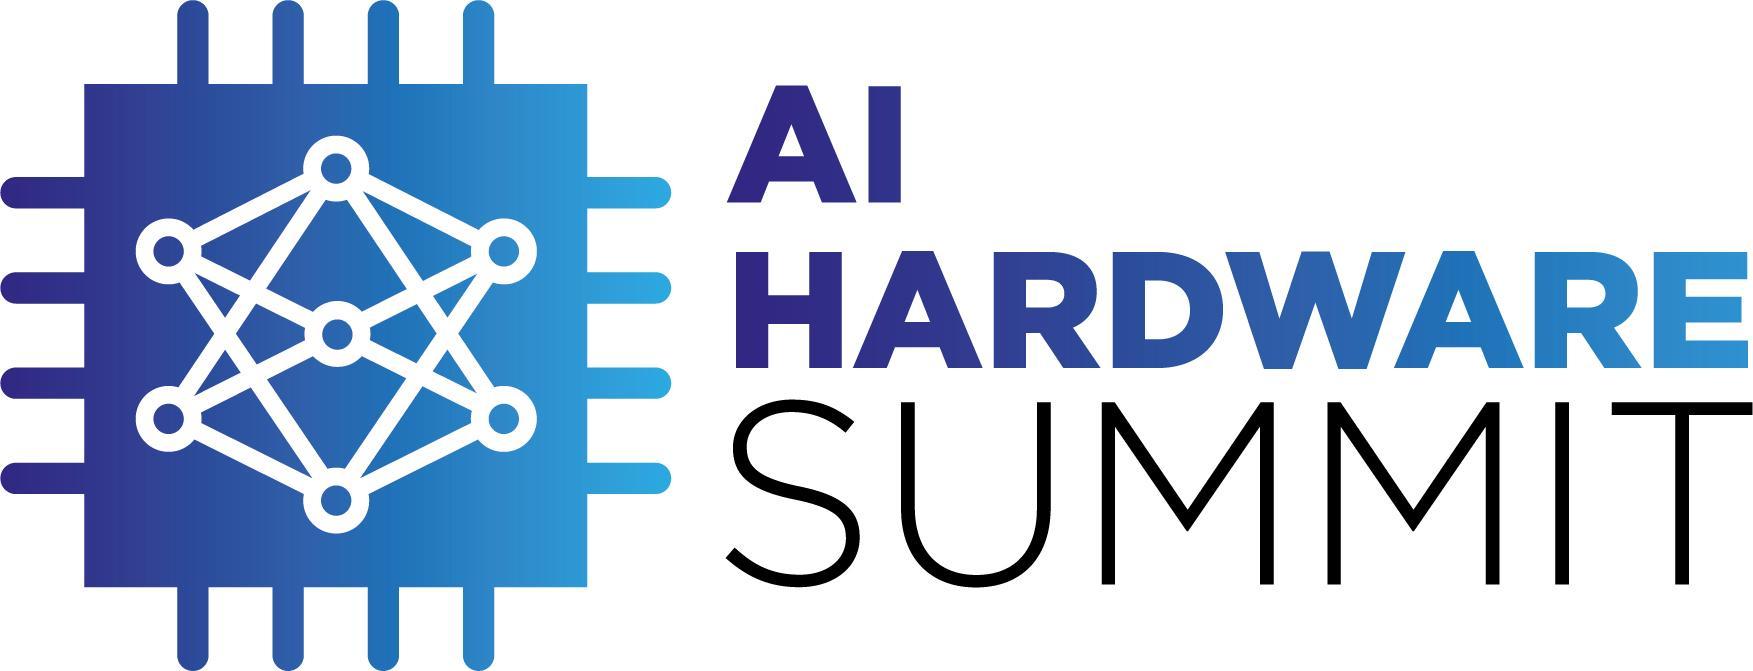 AI Hardware Summit 2019